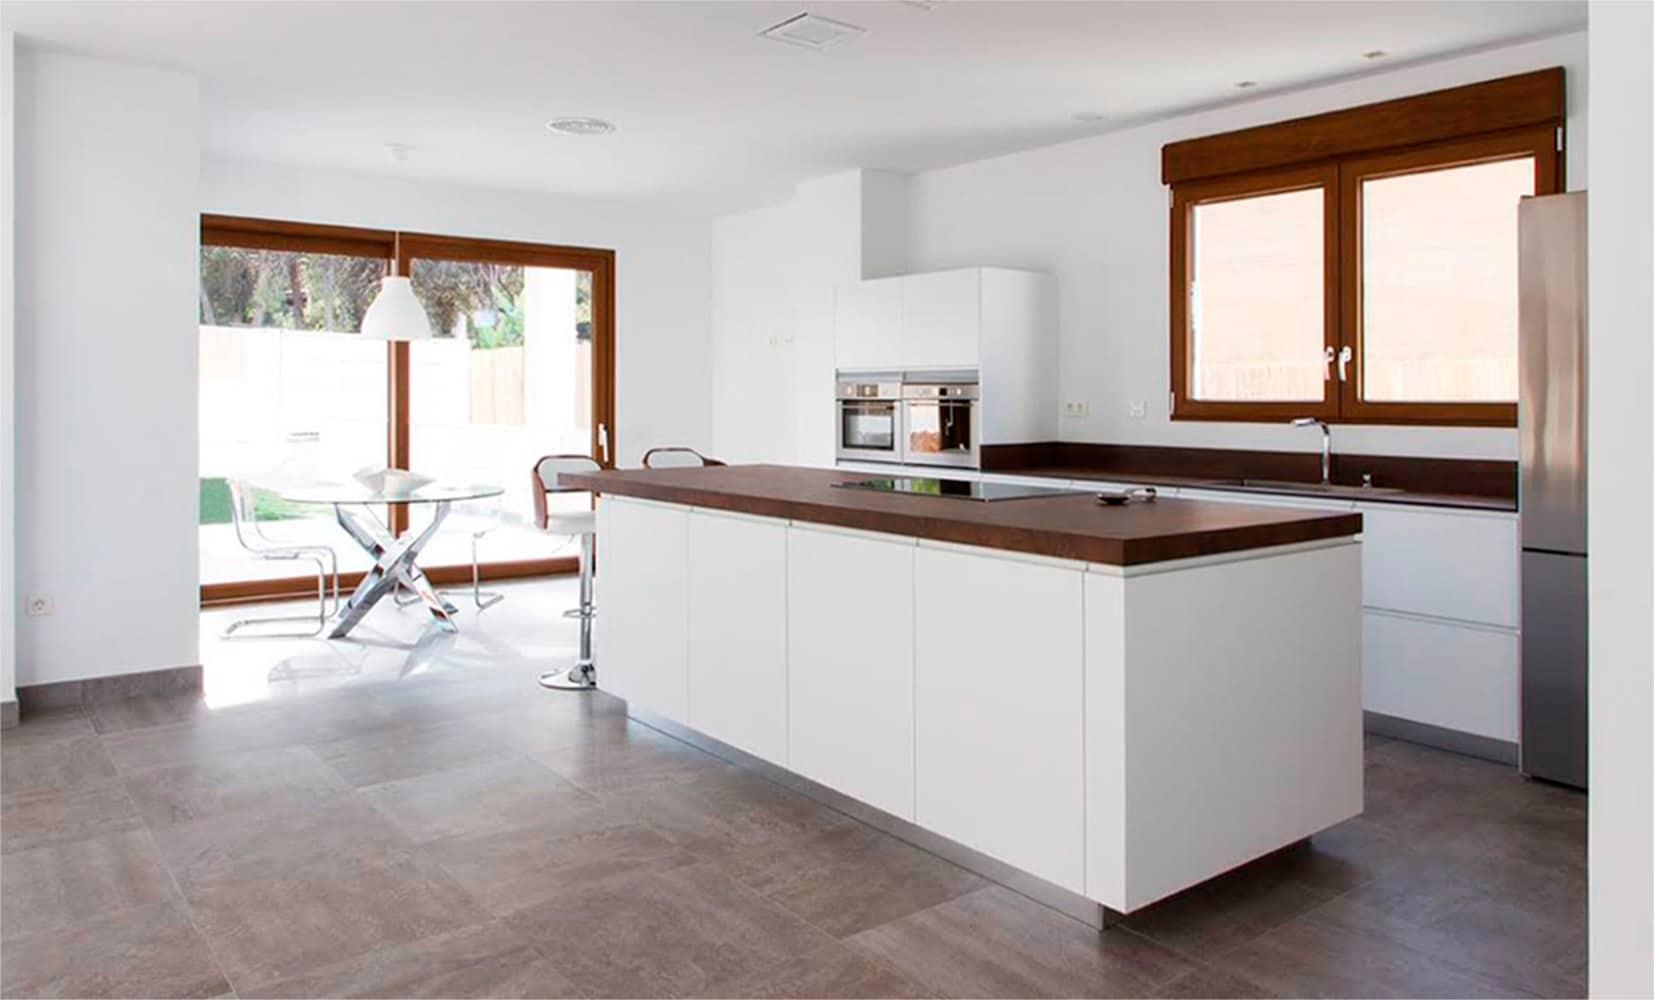 Cocina blanca moderna con isla central